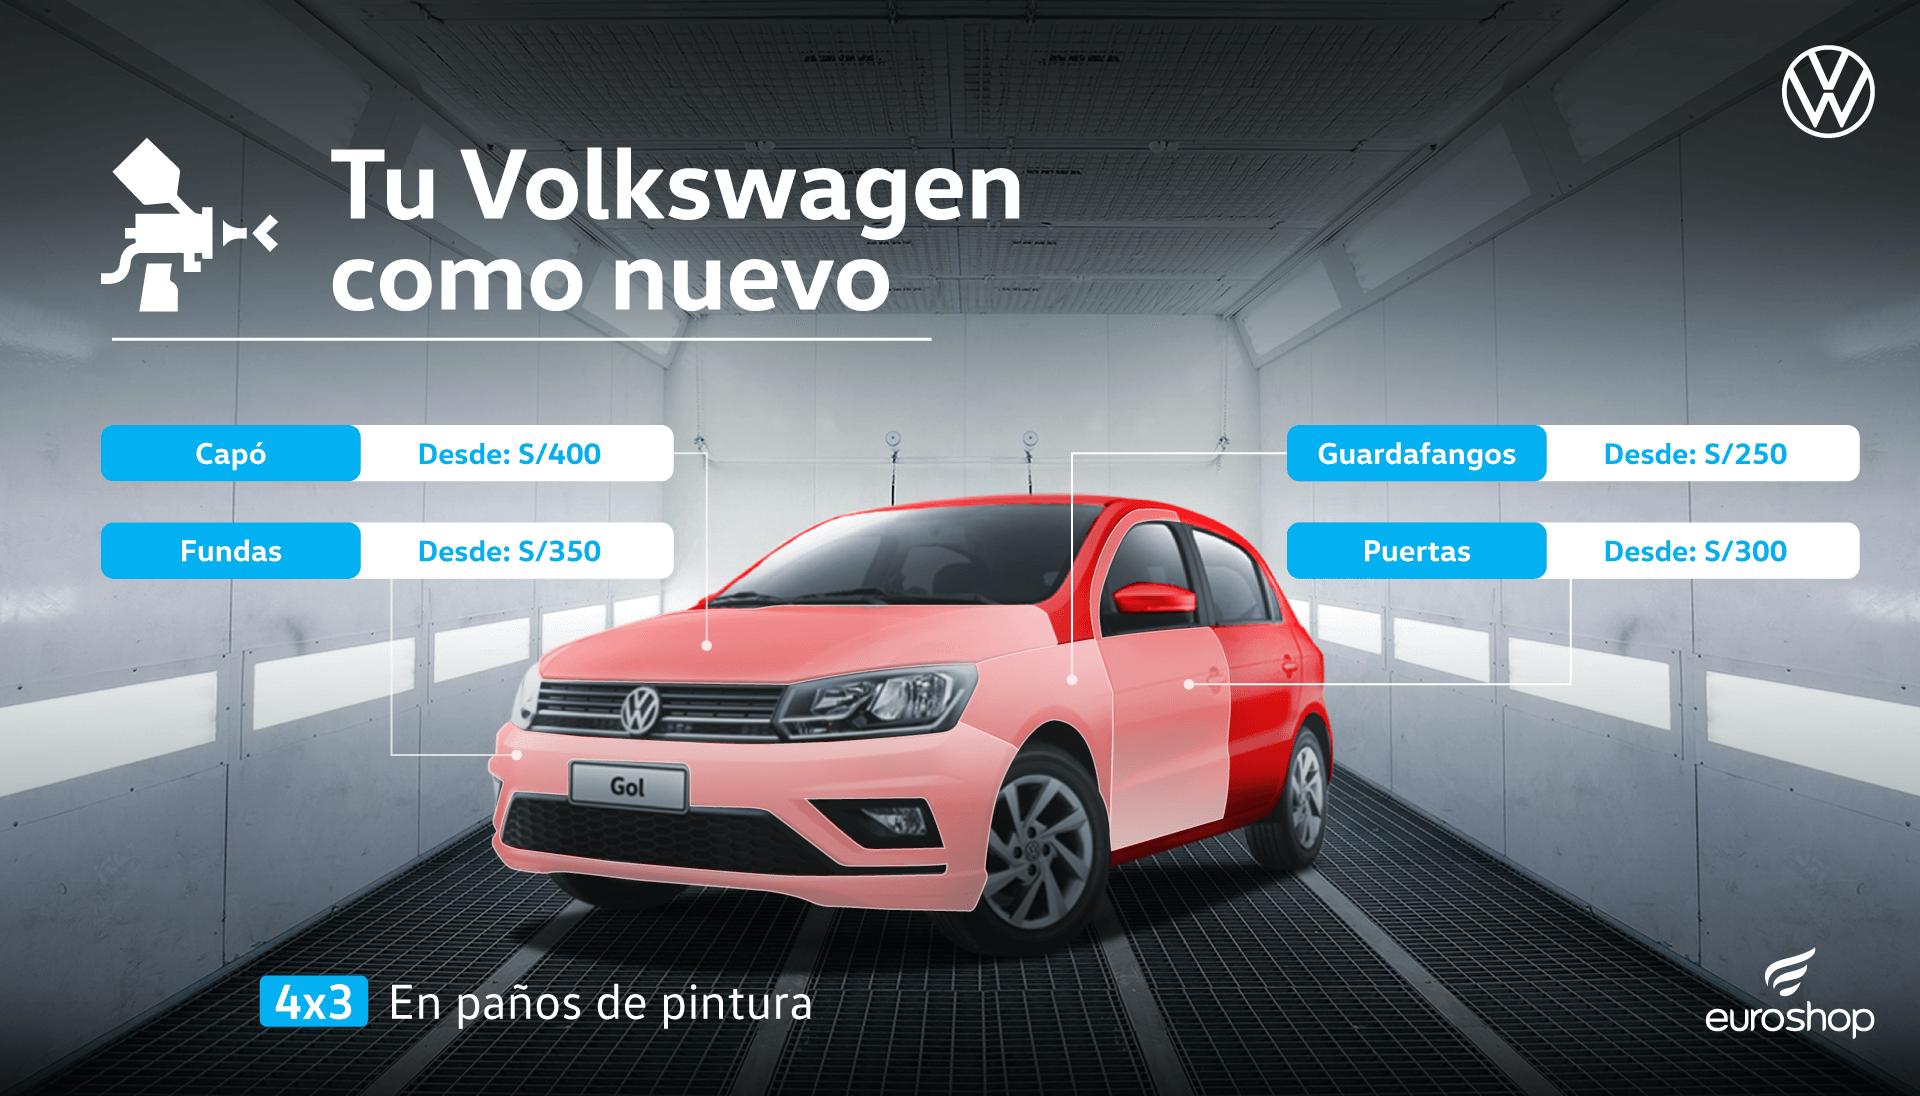 Tu Volkswagen como nuevo